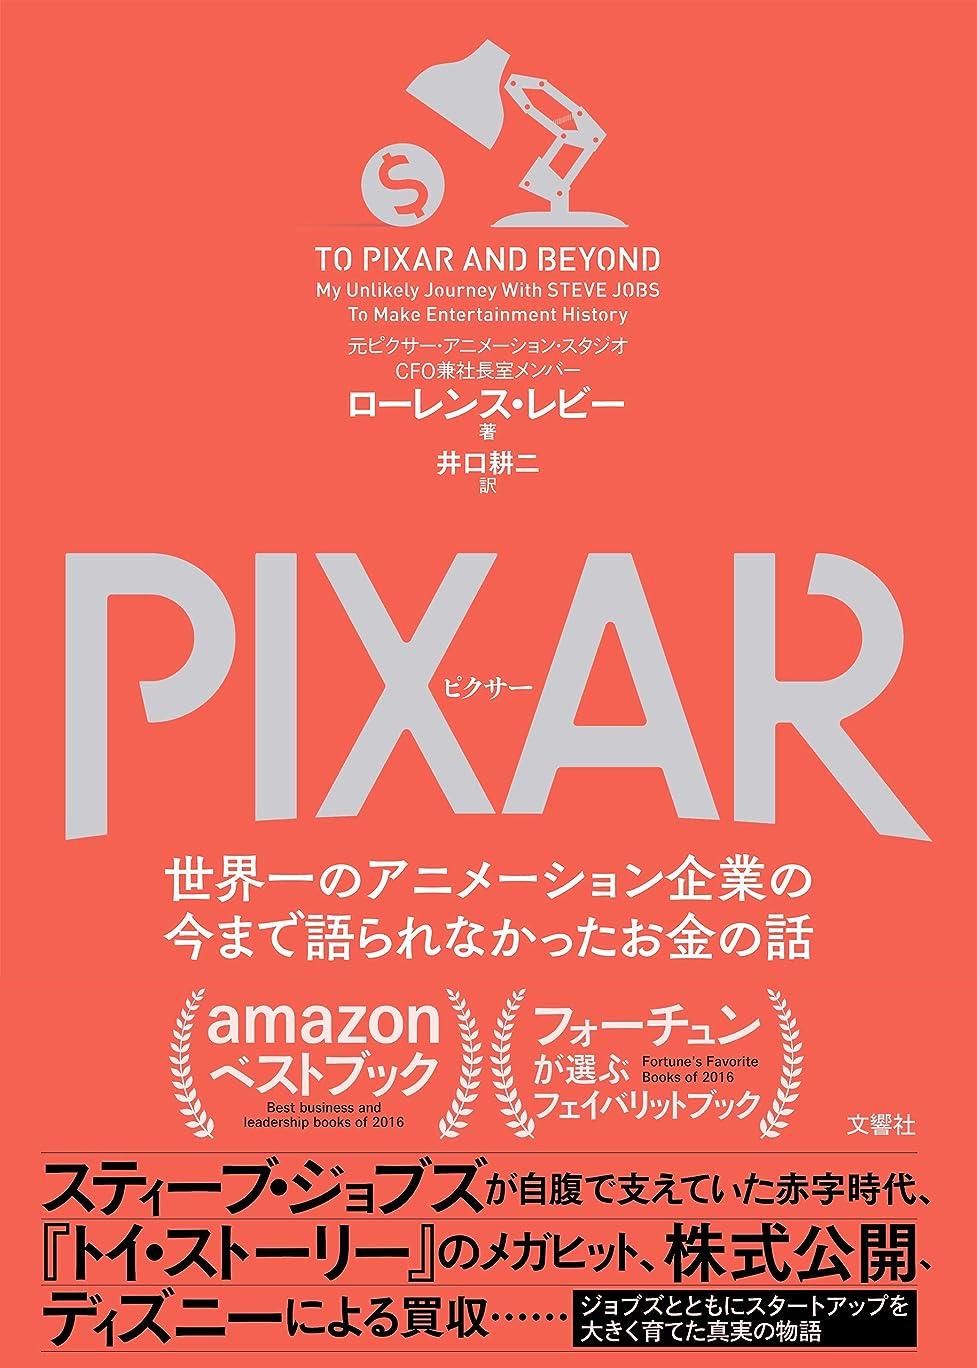 意図的方程式コンセンサスPIXAR 〈ピクサー〉 世界一のアニメーション企業の今まで語られなかったお金の話